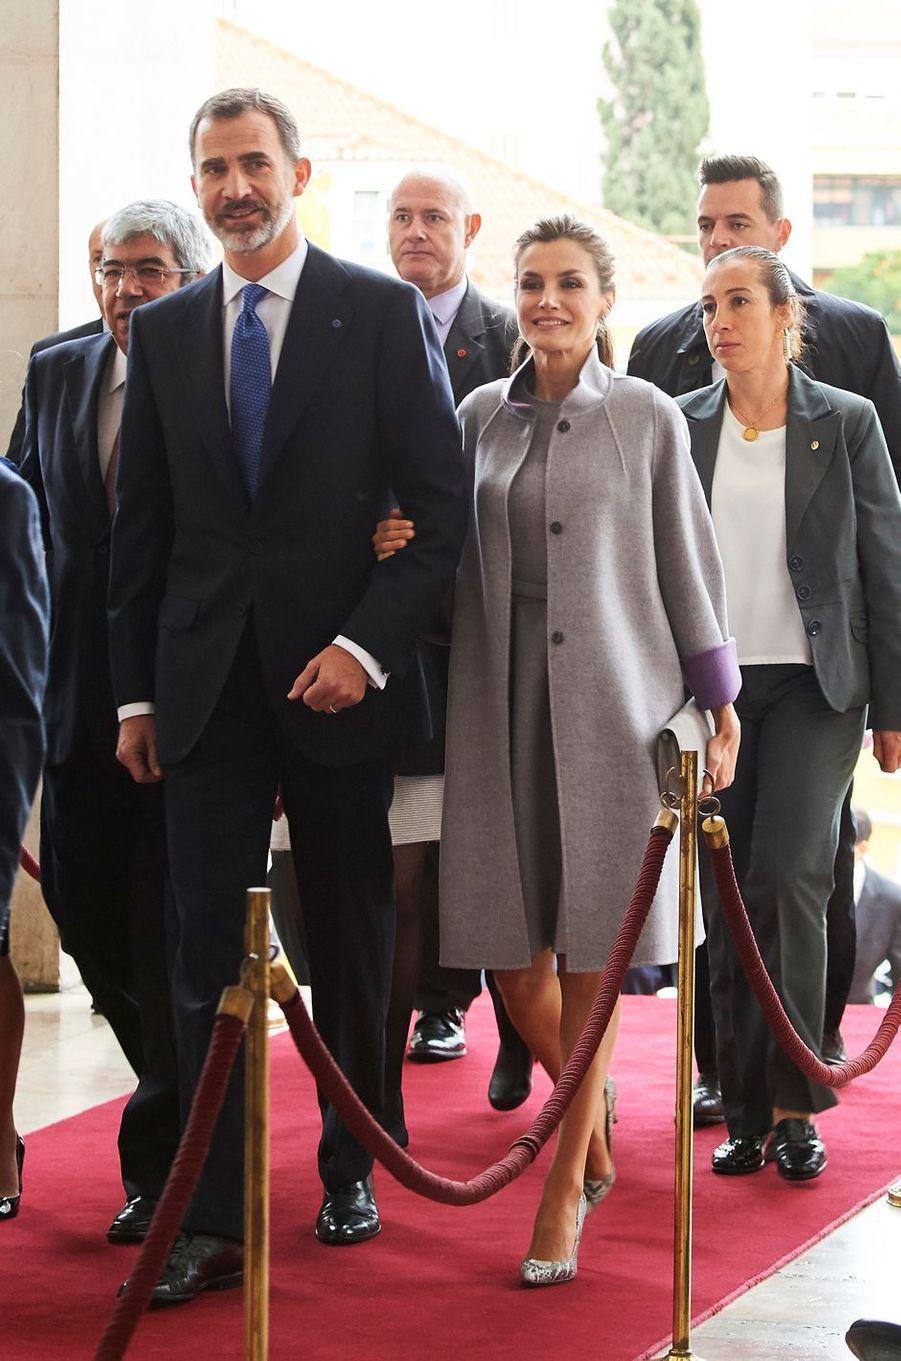 La reine Letizia et le roi Felipe VI d'Espagne arrivent au Palais de Sao Bento à Lisbonne, le 30 novembre 2016